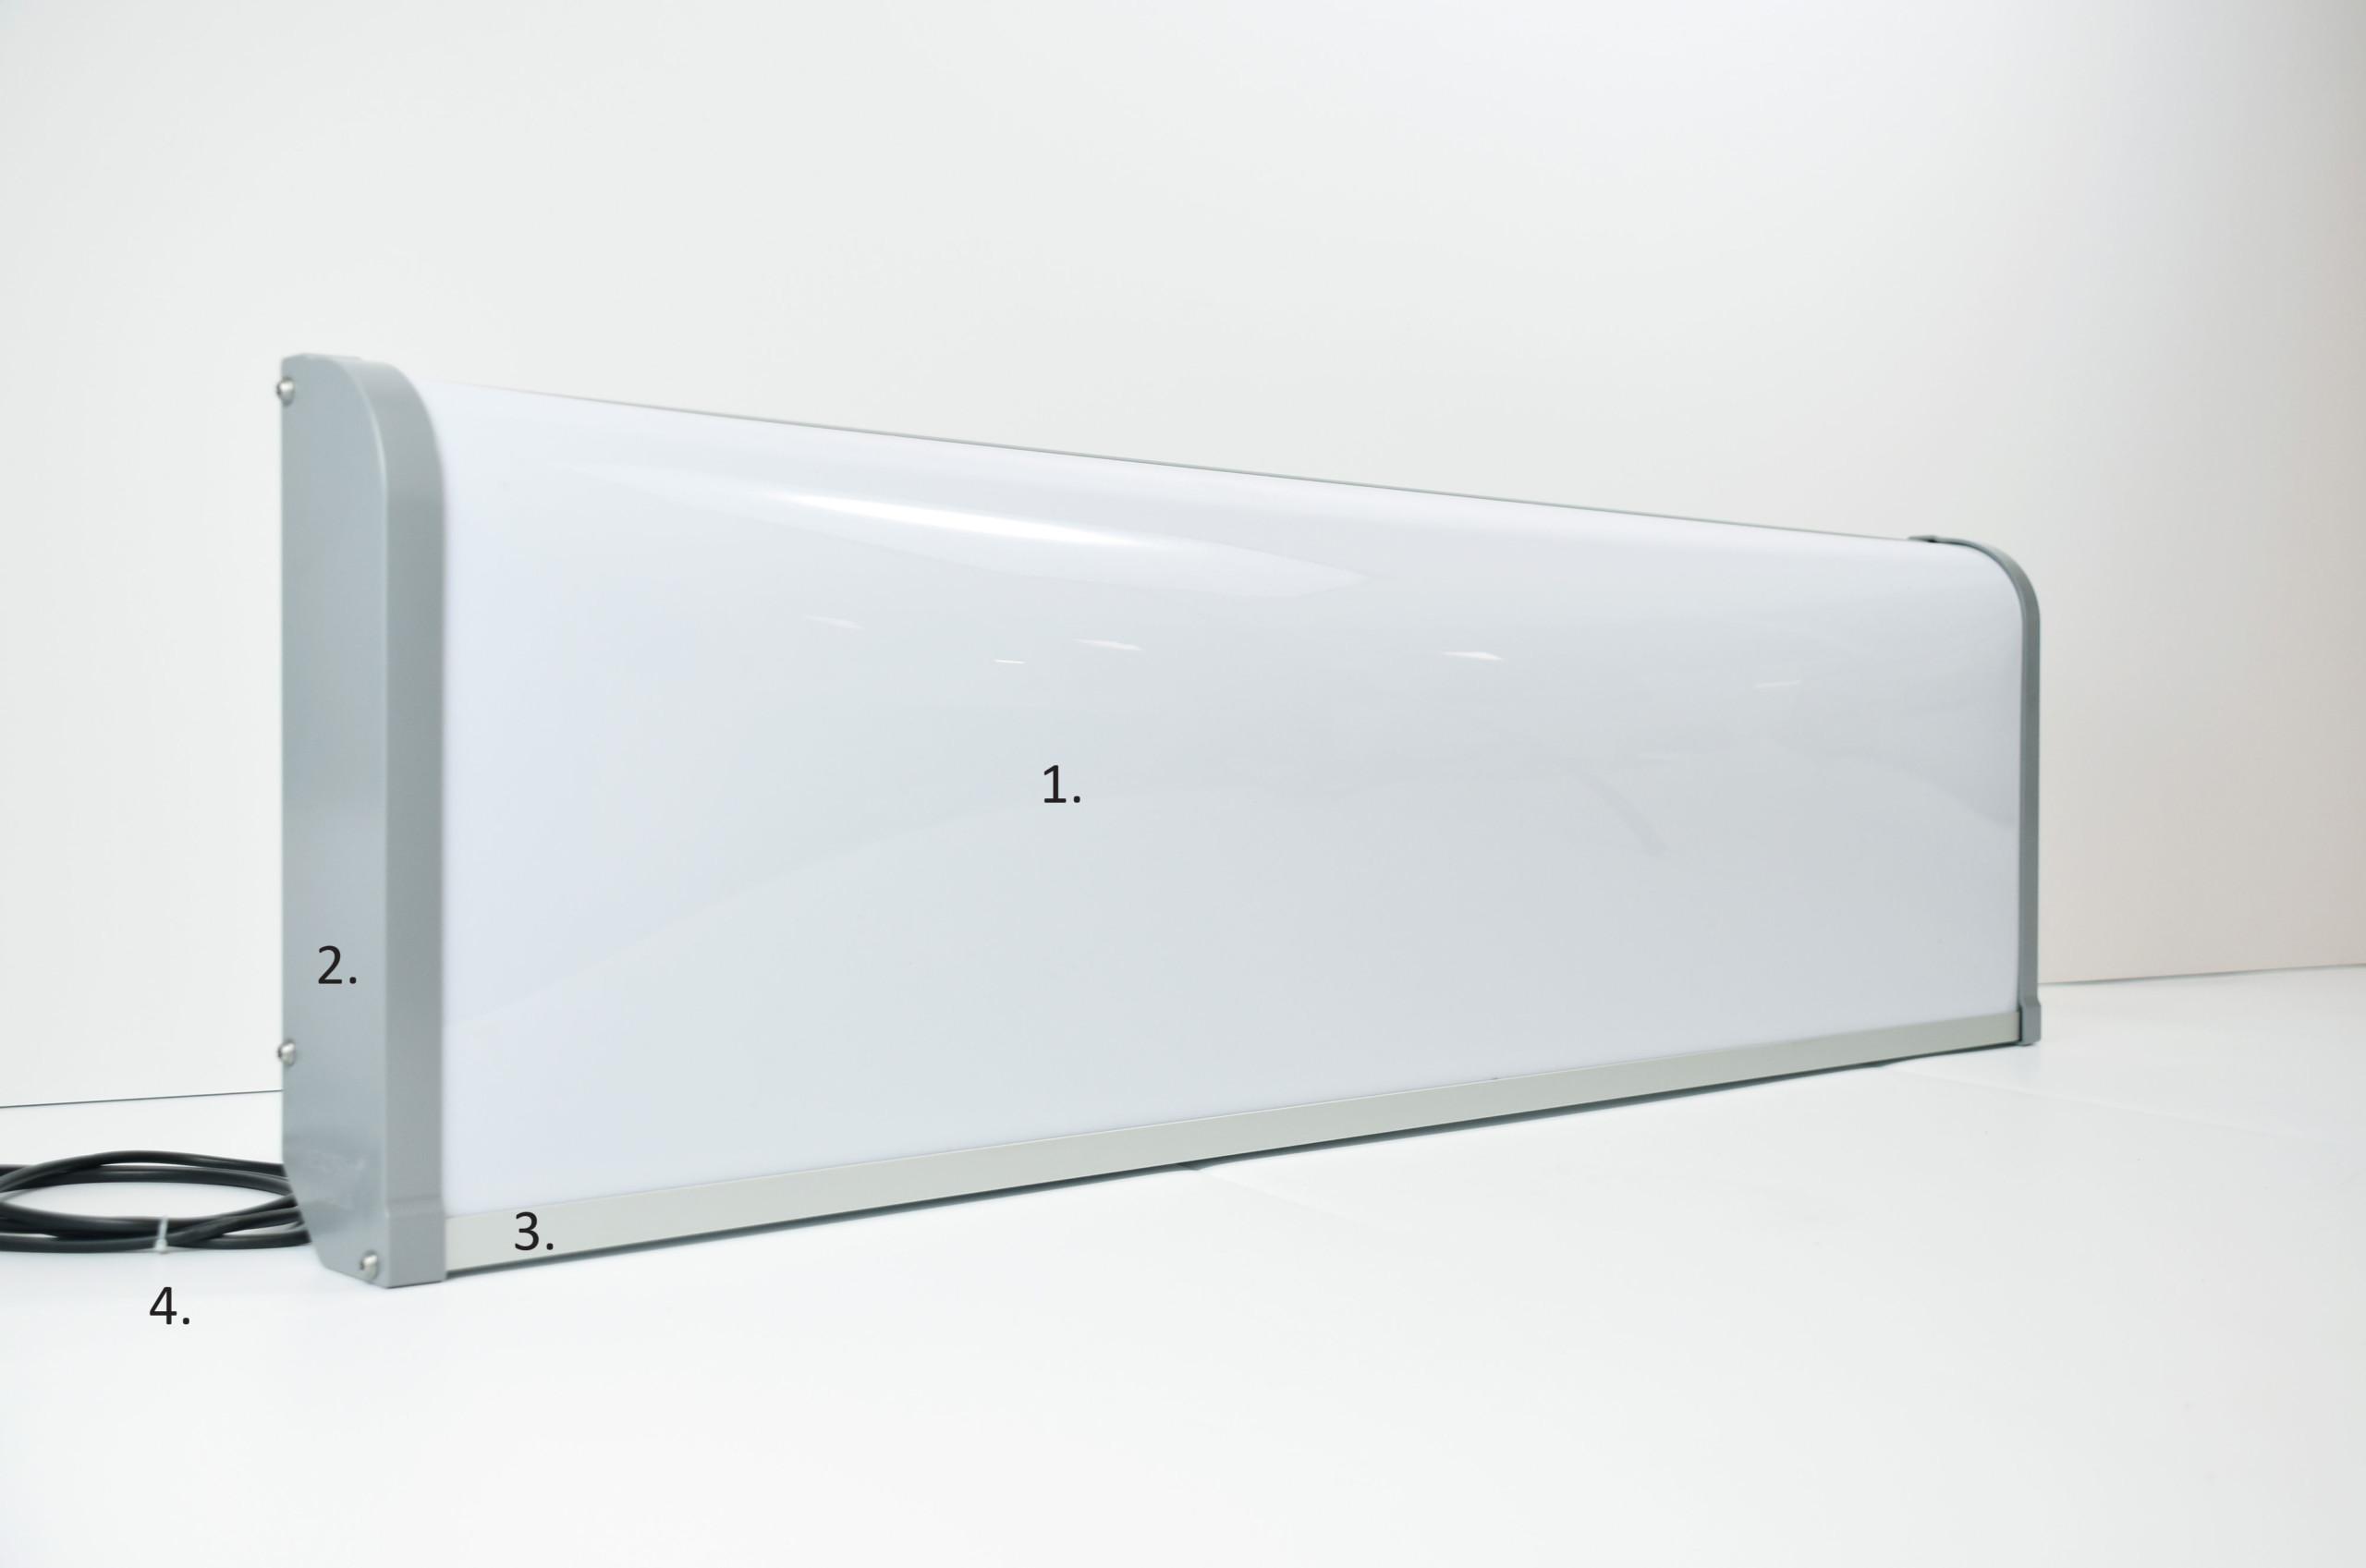 AeroSlimLED lysskilt fra SRI - materialer